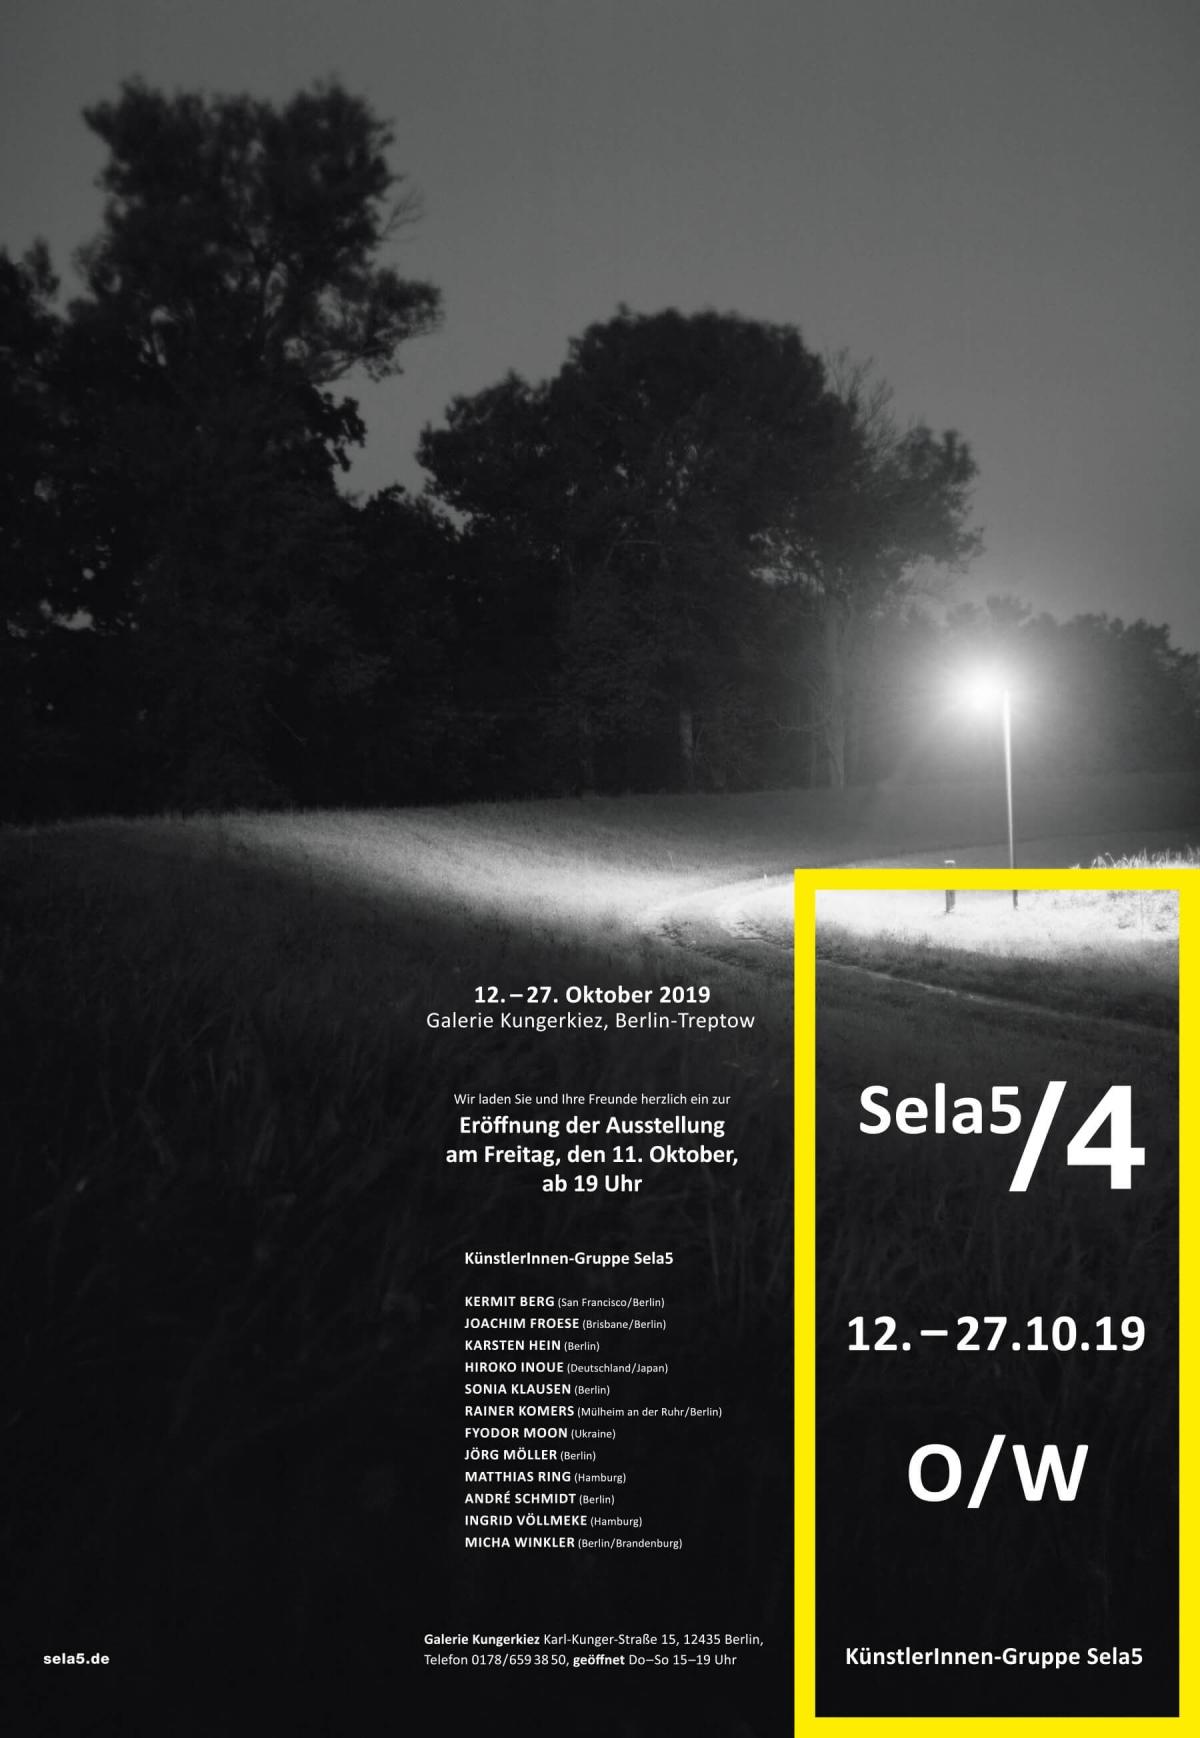 Sela5/4 – O/W